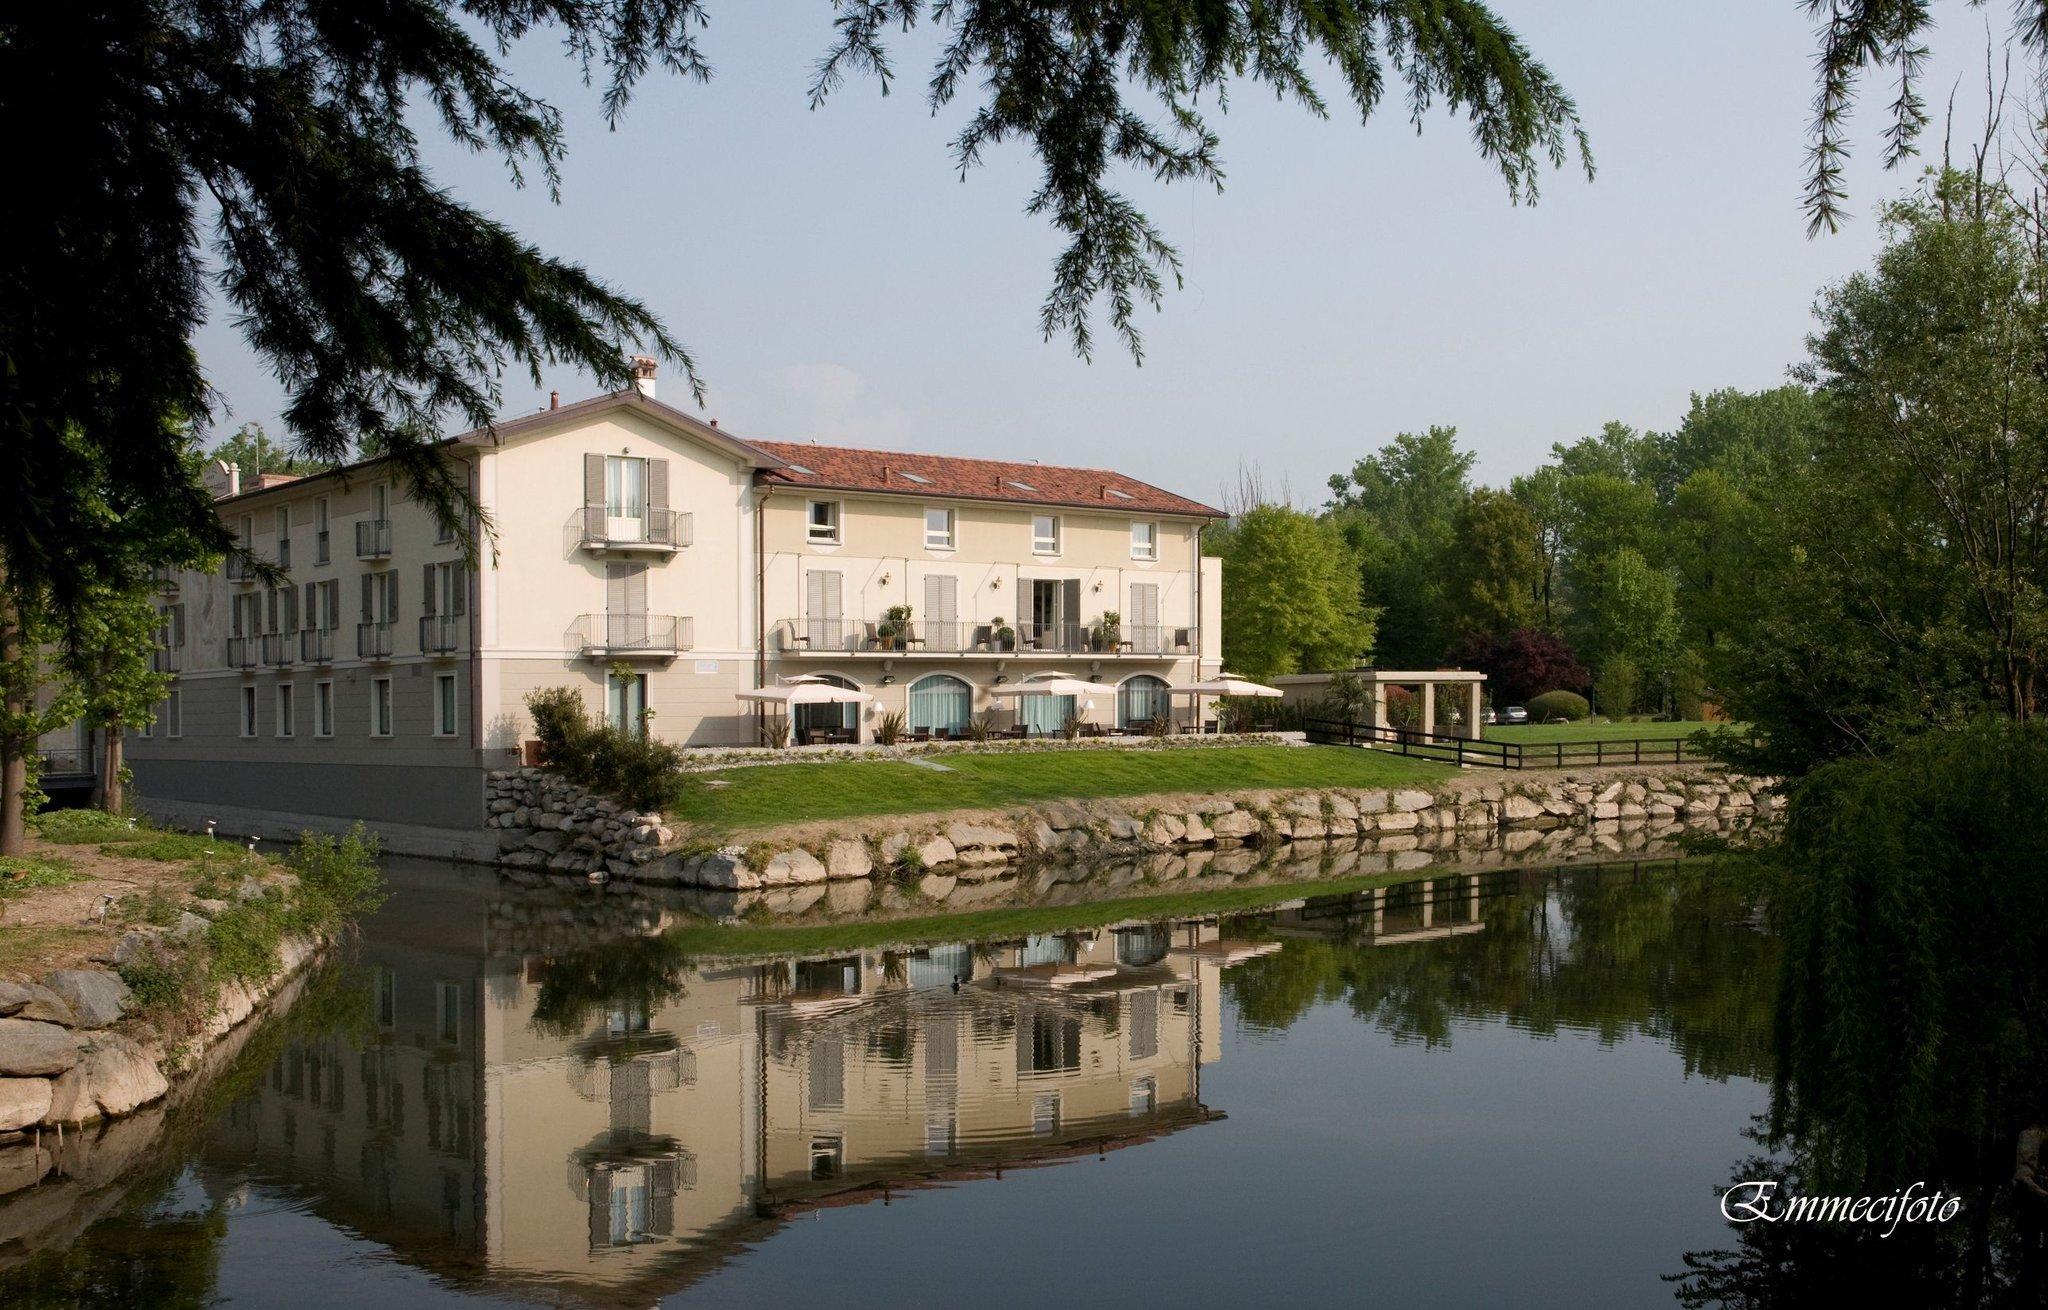 Hotel Il Corazziere